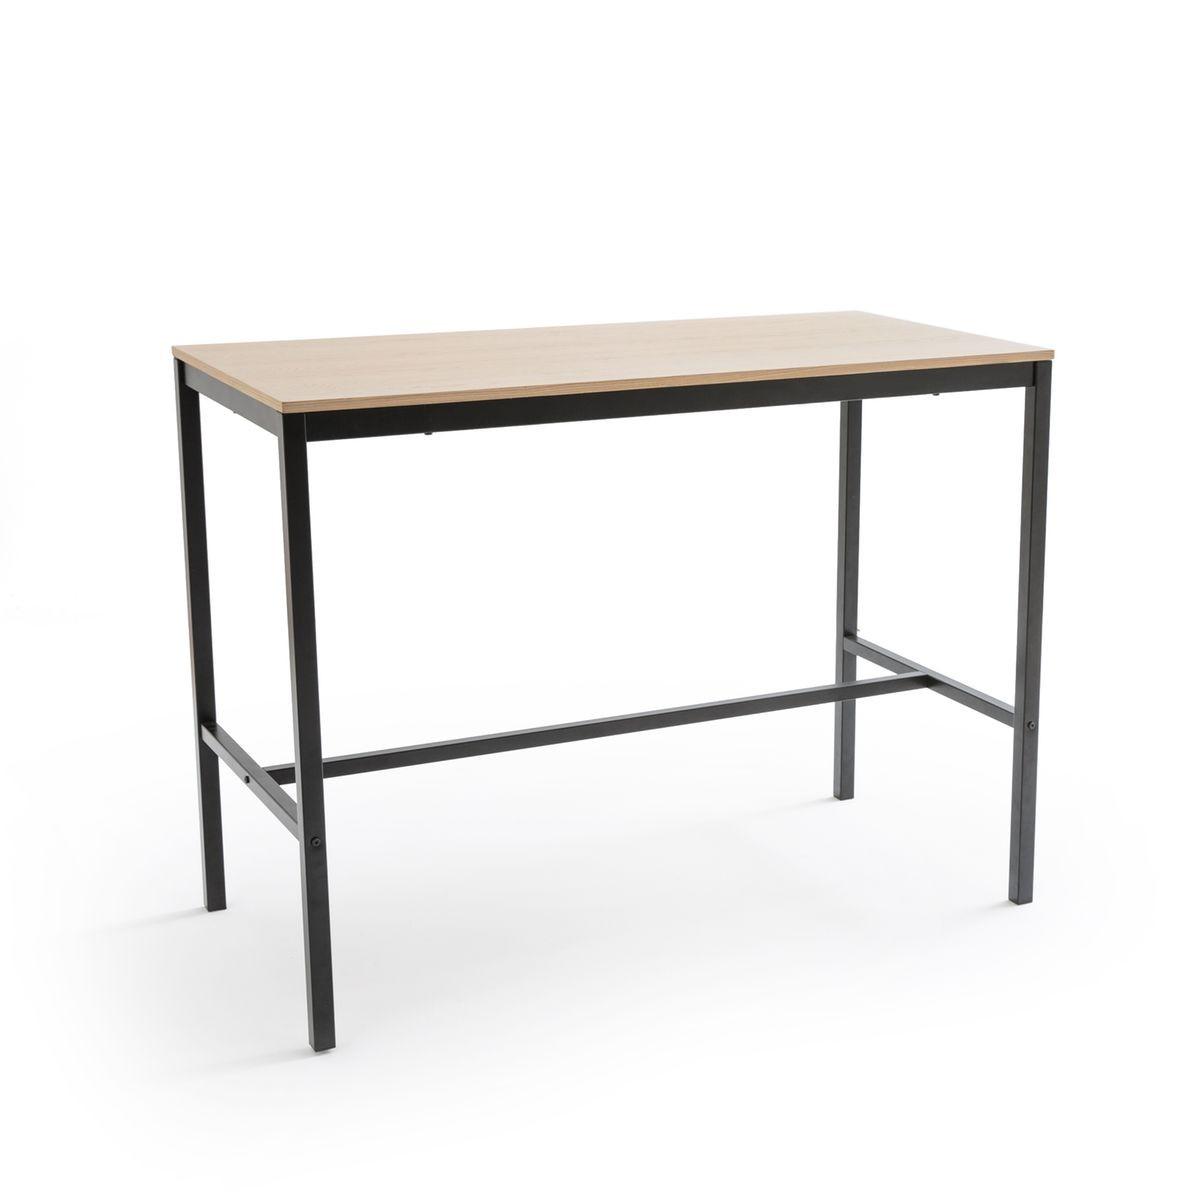 Table De Bar Mi Hauteur 4 Couverts Blutante Table Bar Chaise Bar Table Console En Marbre